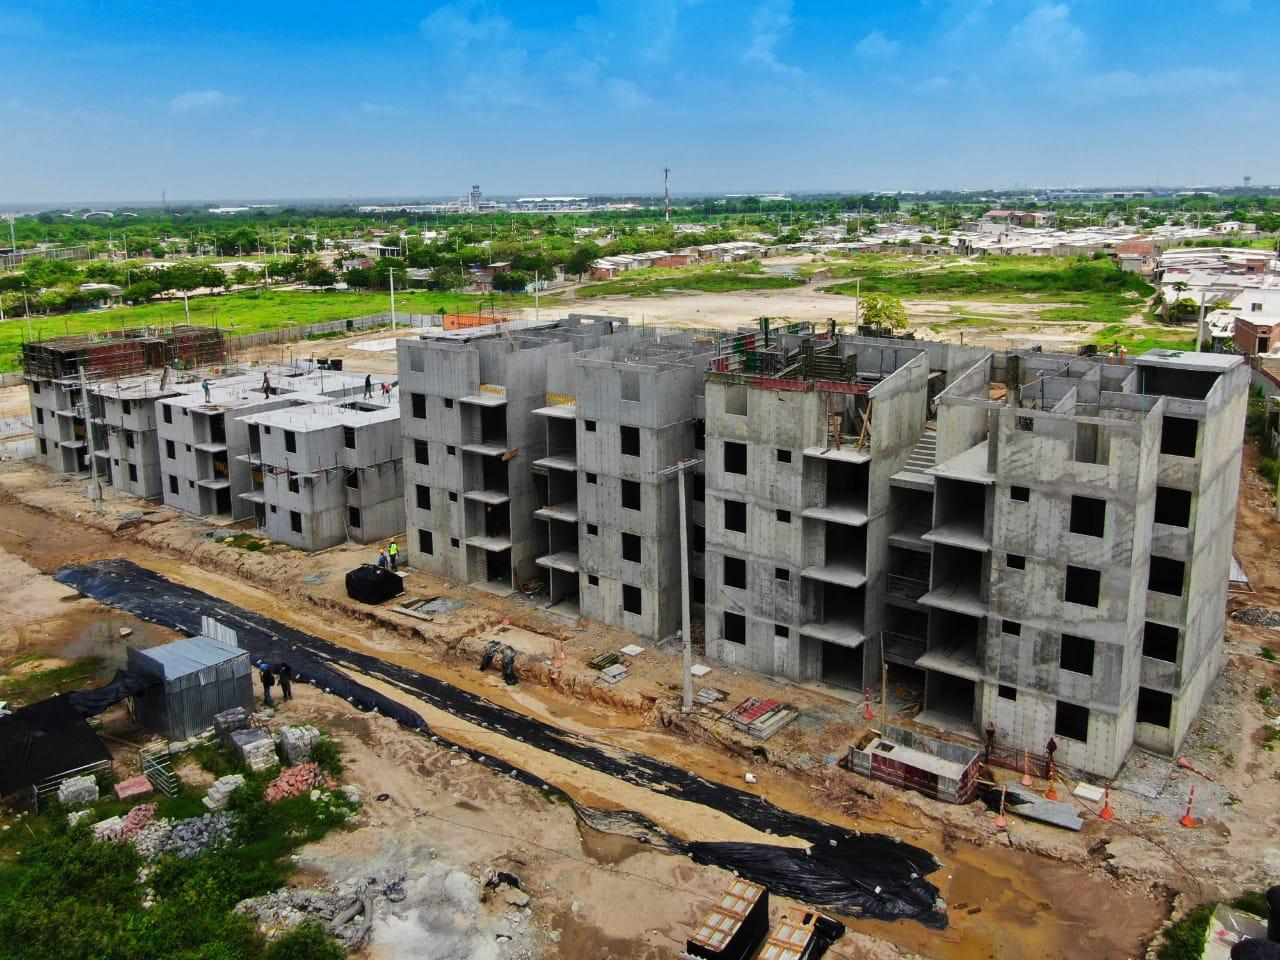 Avanza la construcción de 980 viviendas en cuatro municipios del Atlántico